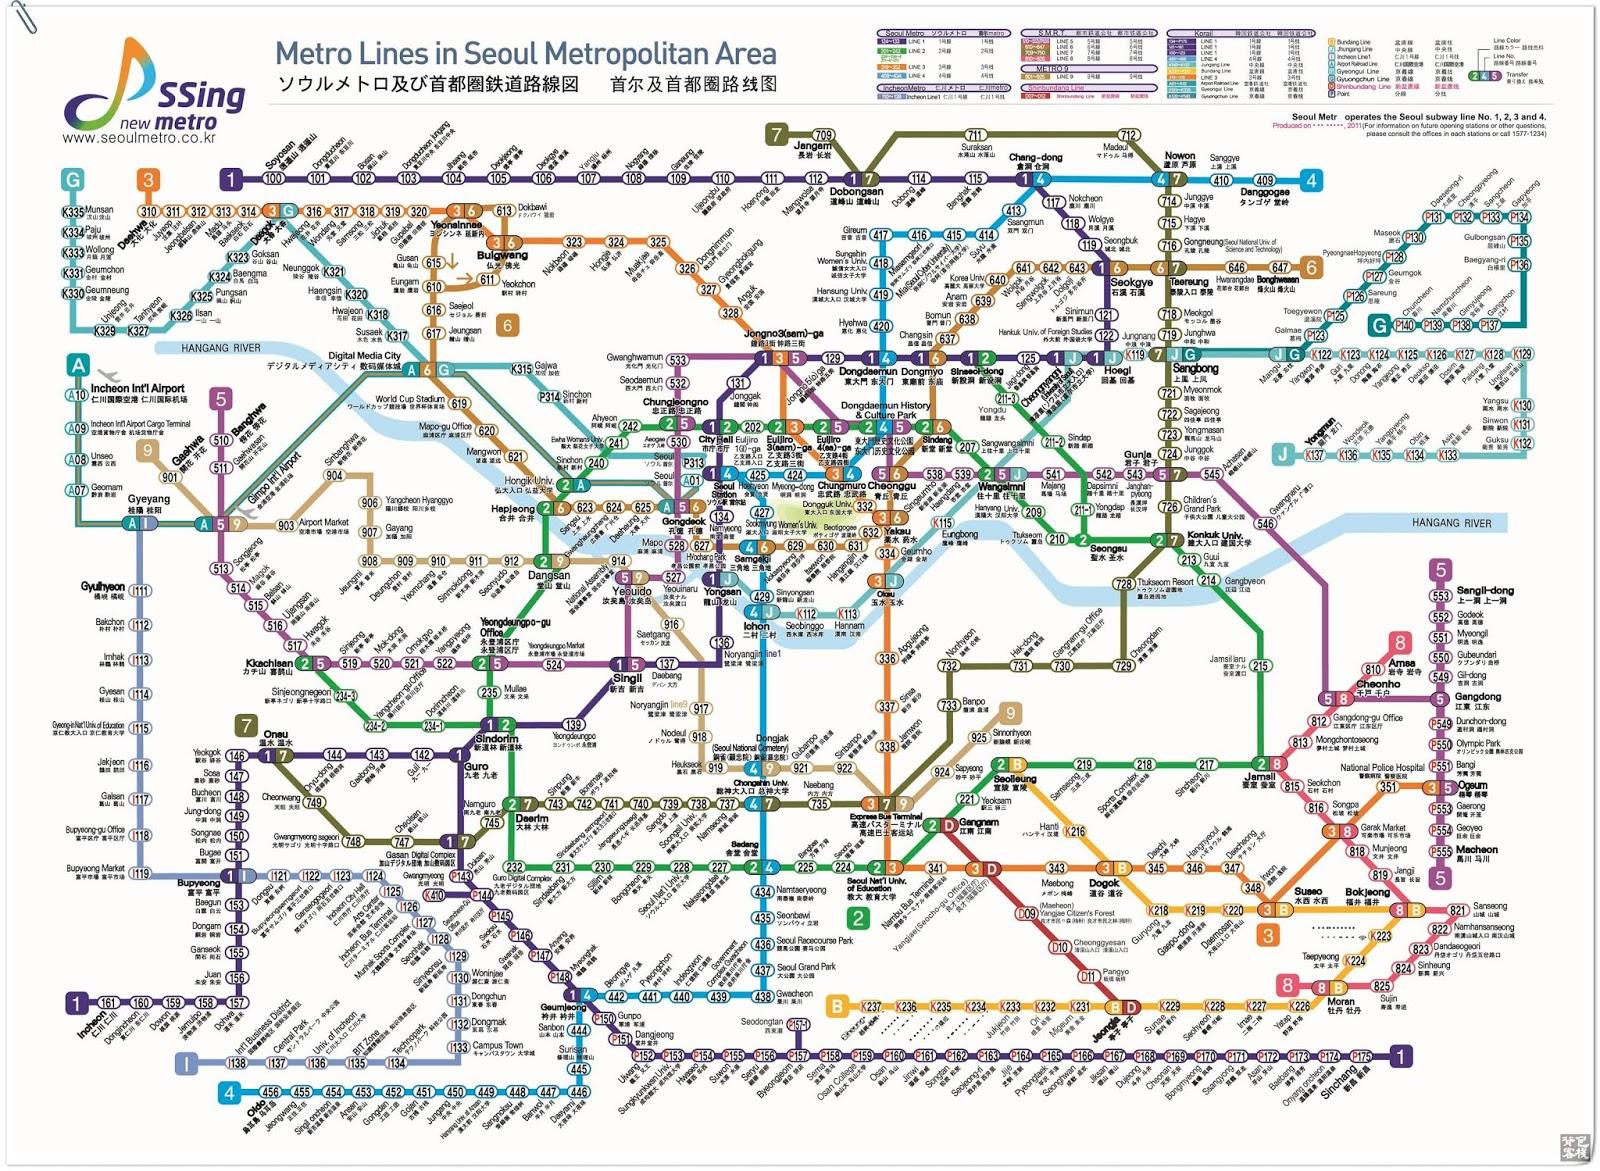 DNA的置物櫃: [韓國] 首爾地鐵圖(中英韓對照)